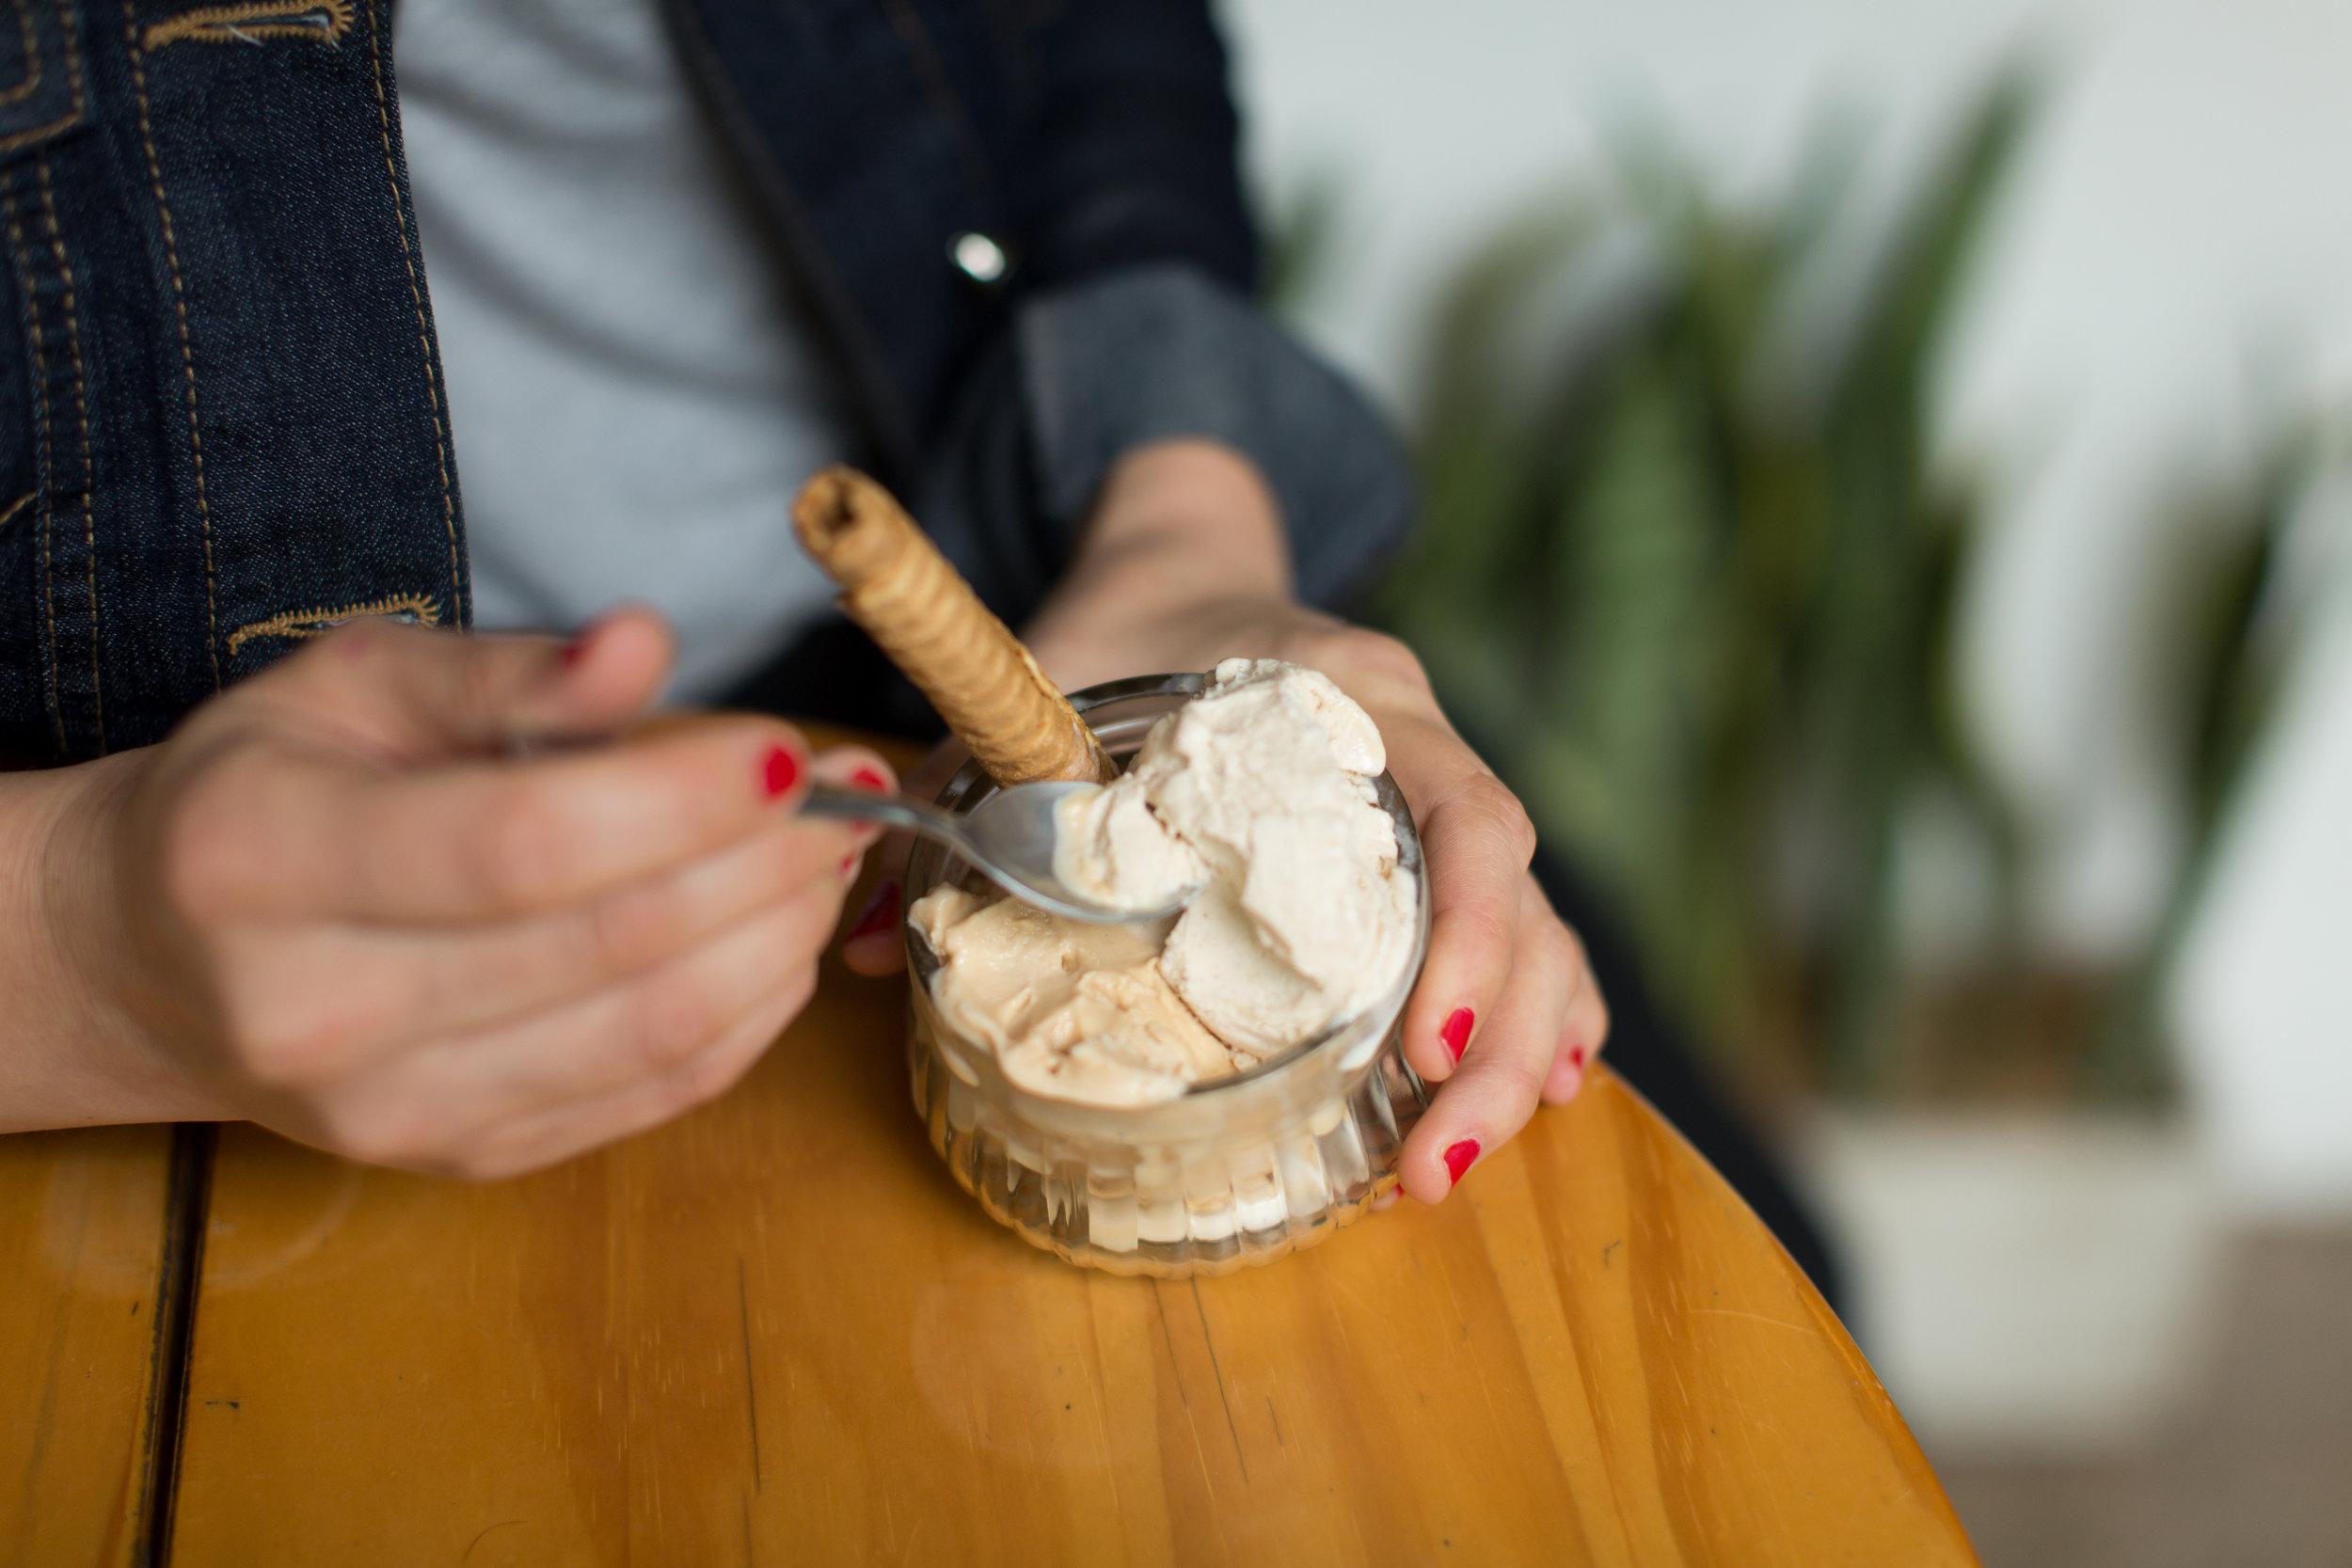 - Nossa pequena sorveteria oferece sorvetes artesanais saborosos com opções veganas e não-veganas